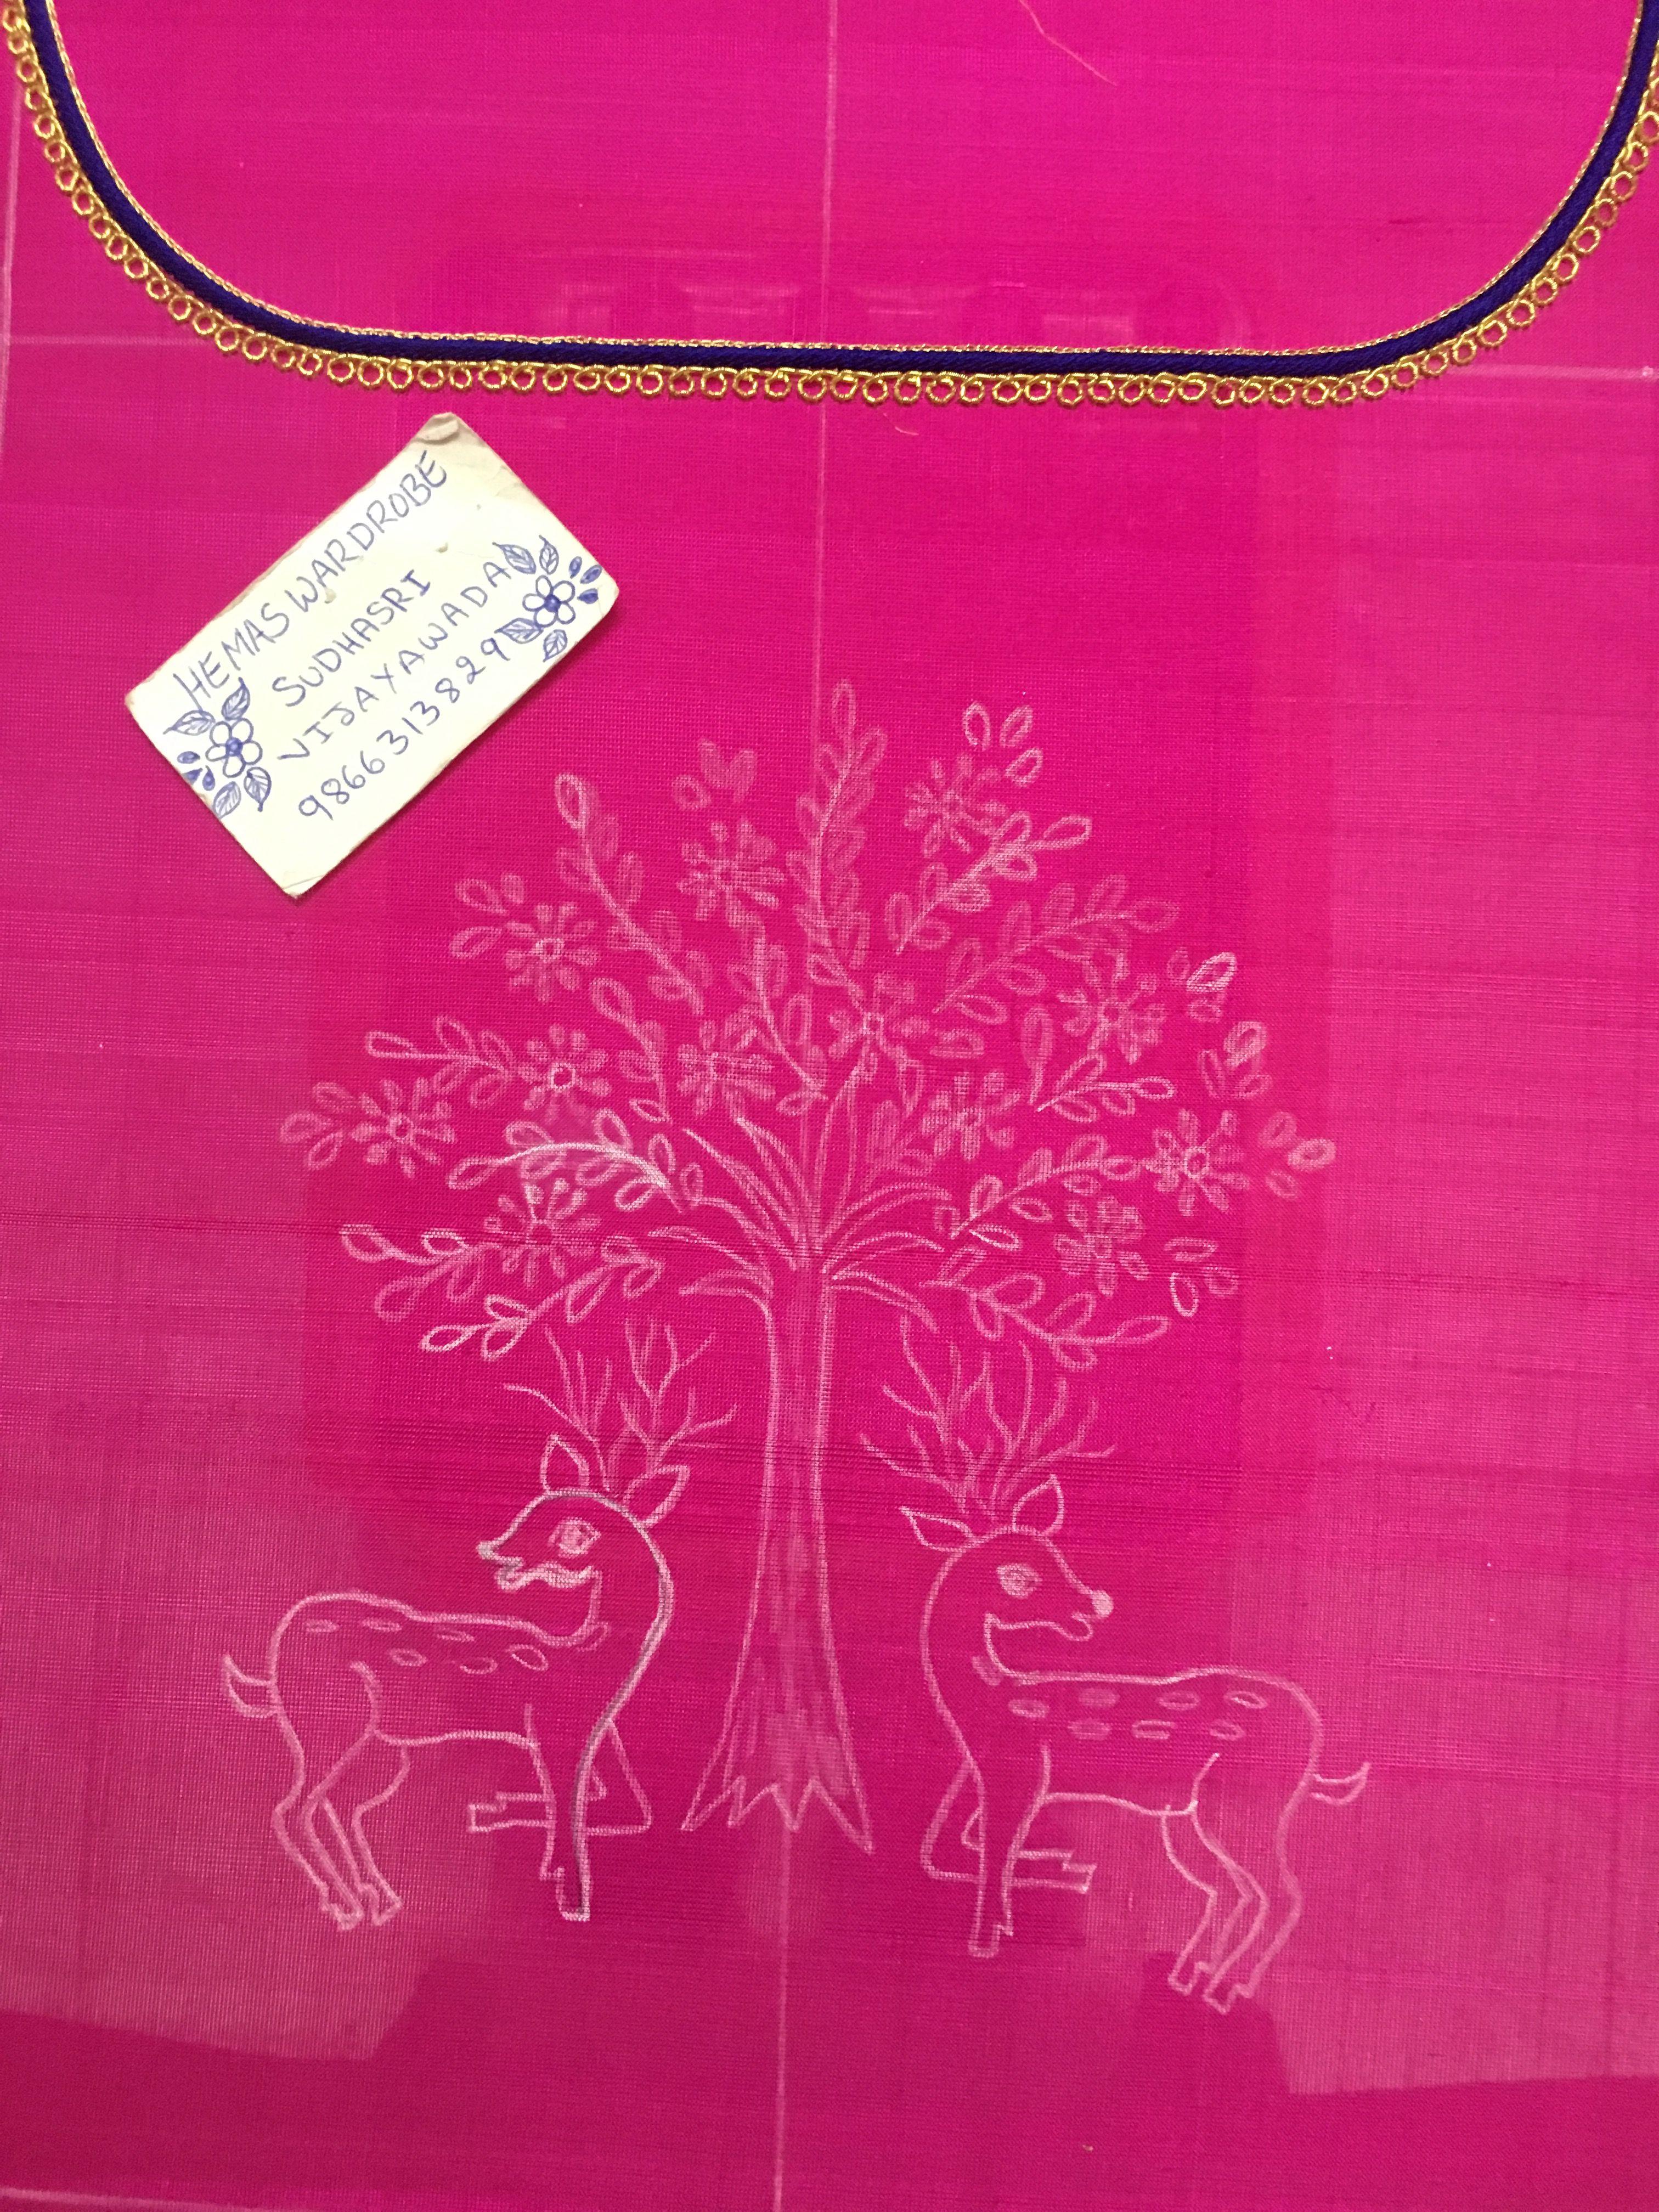 Sudhasri hemaswardrobe m in pinterest embroidery hand